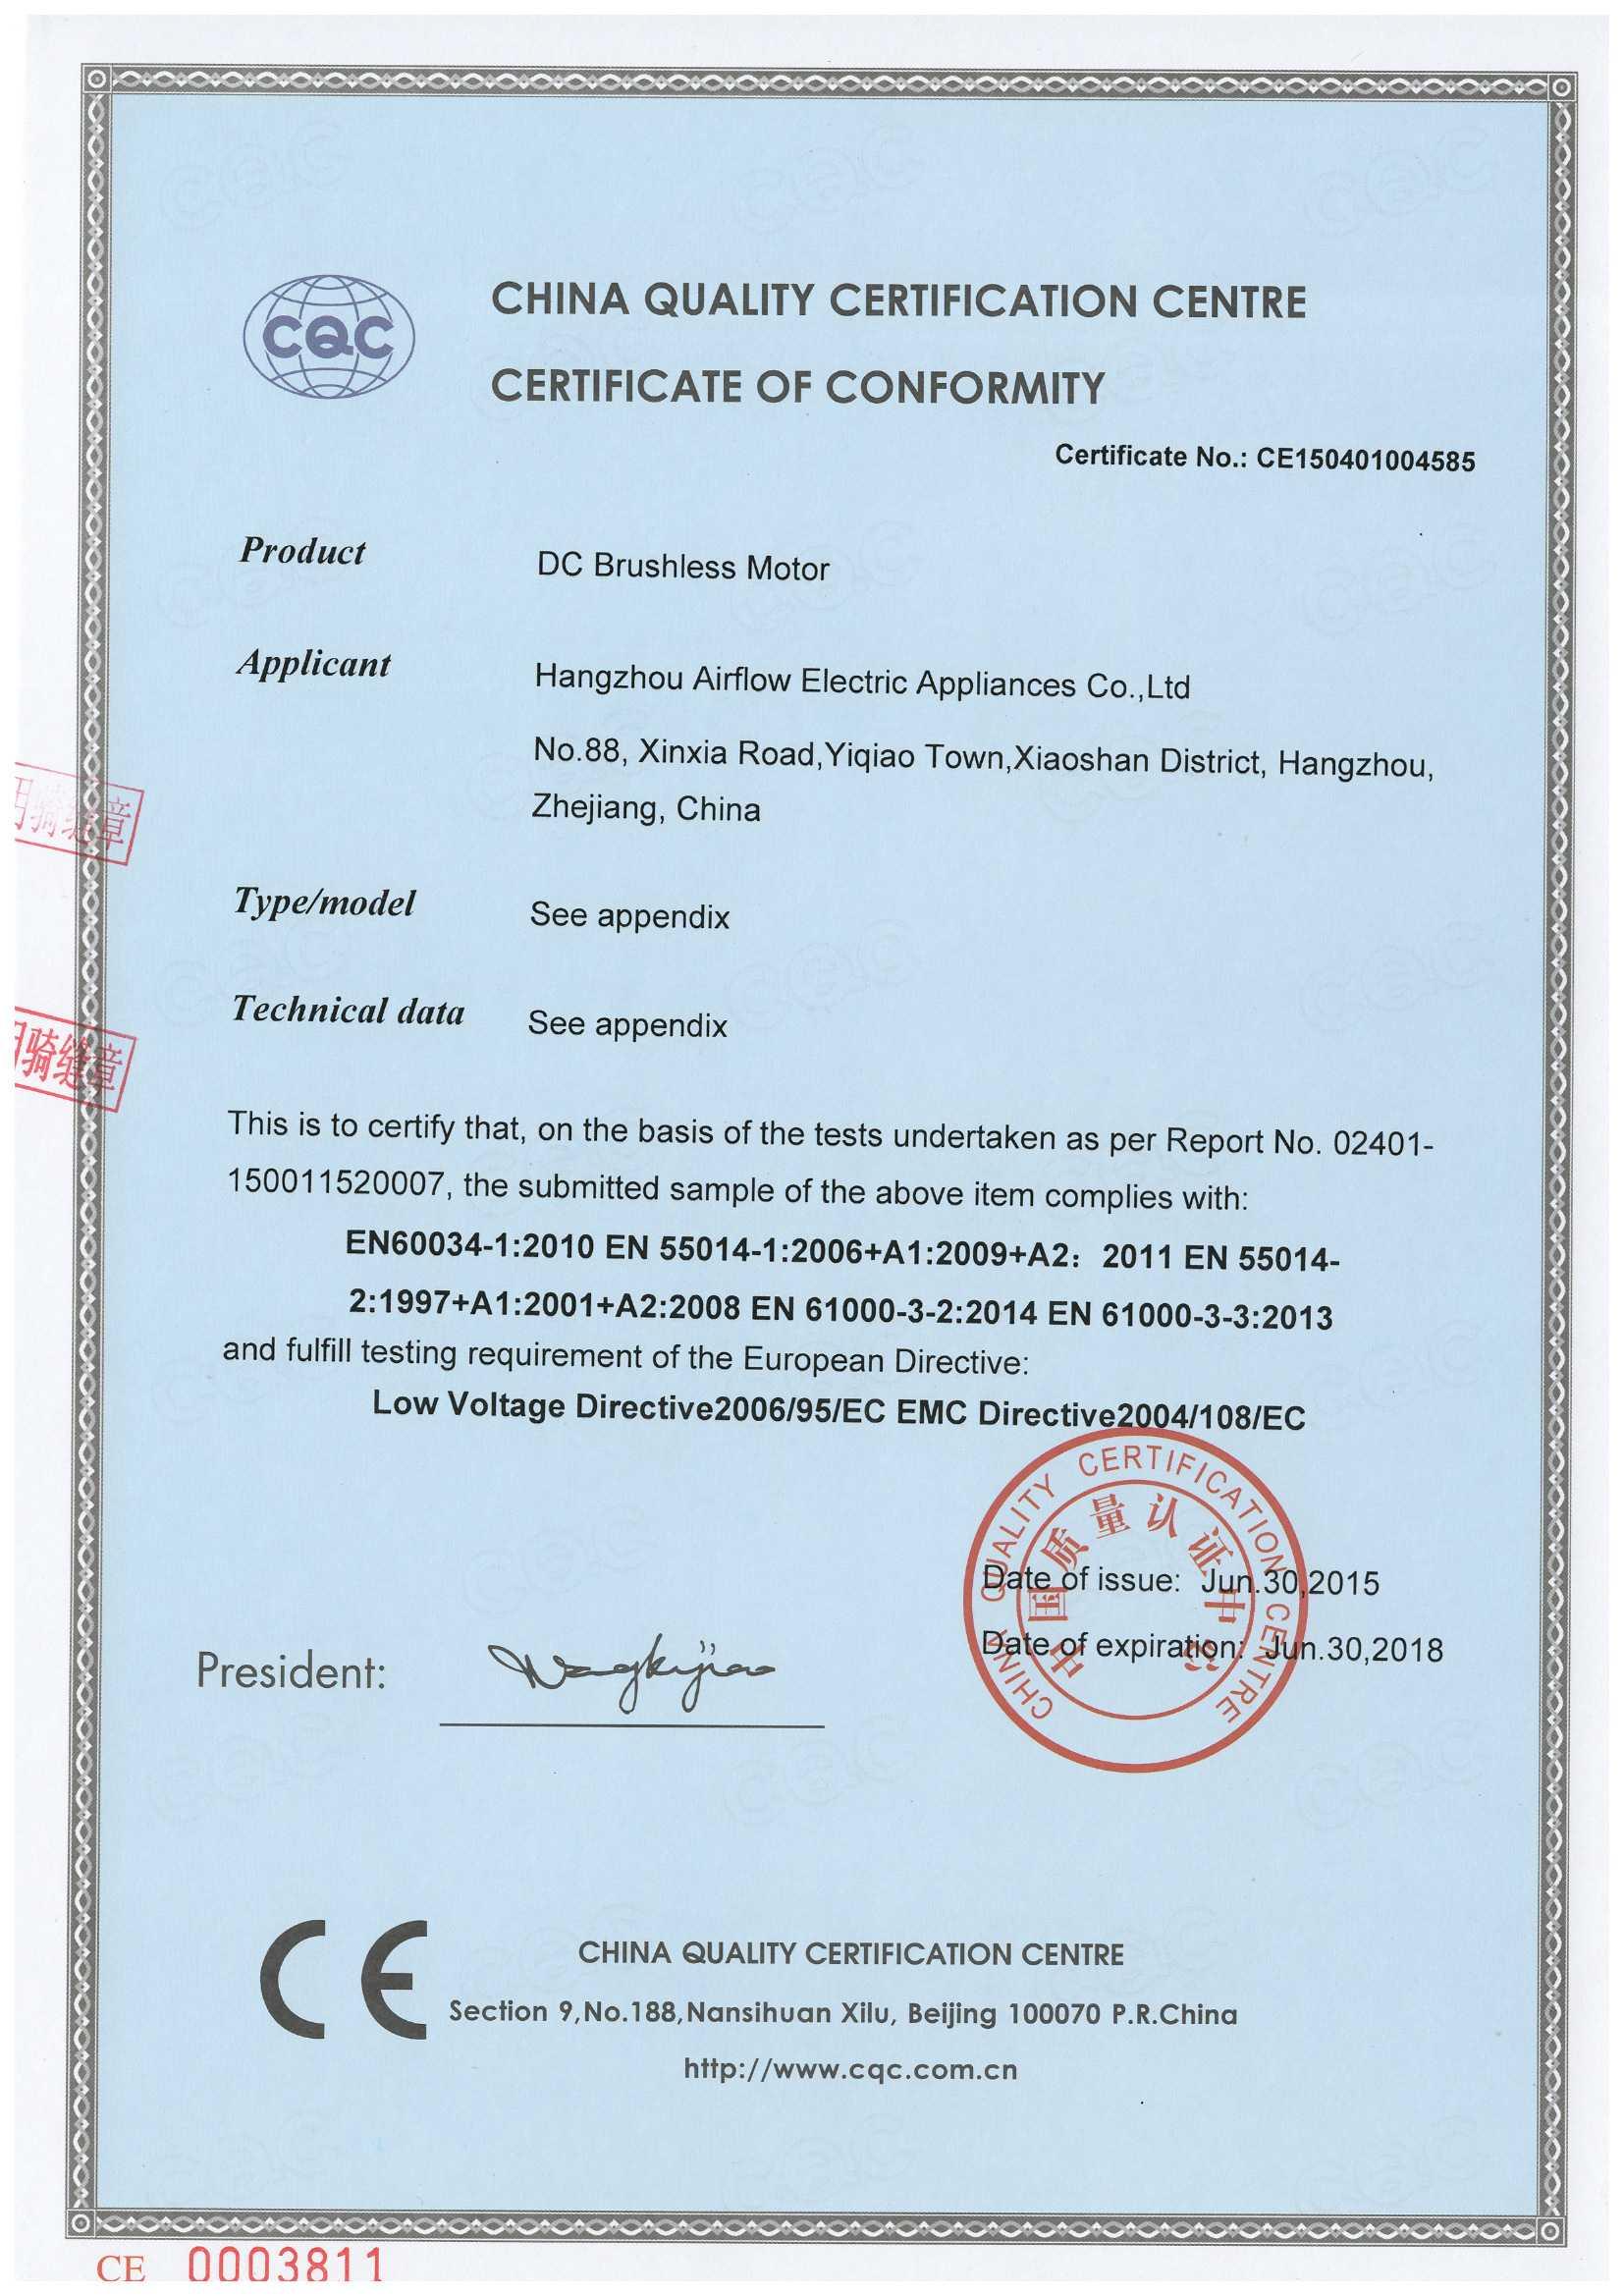 CE Certificate for DC Brushless Motor